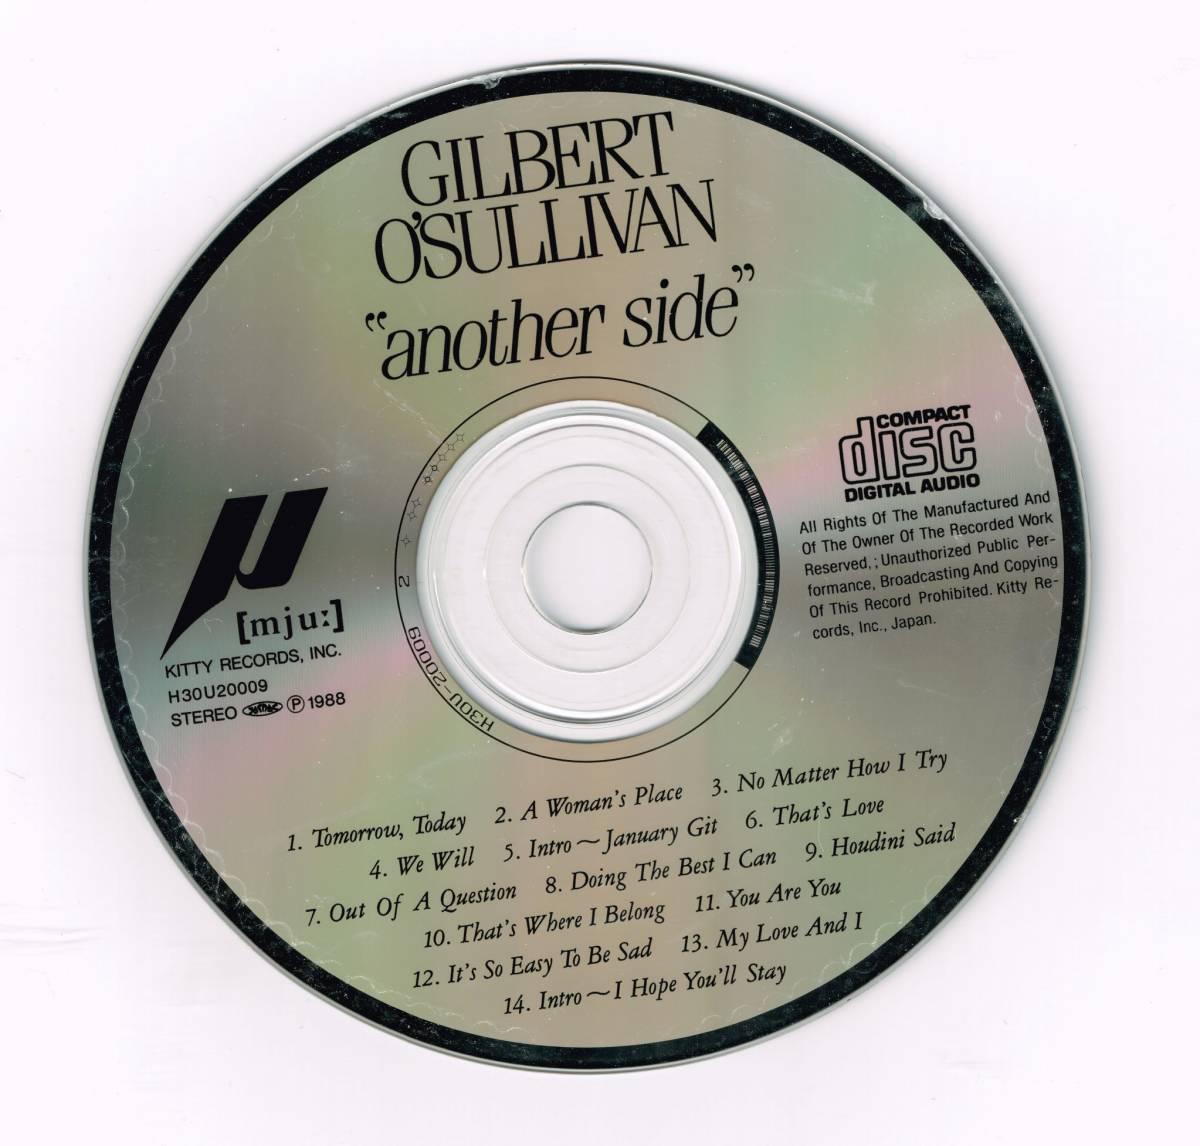 ★国内盤中古CD★Gilbert O'Sullivan/ギルバート・オサリバン★Another Side/アナザー・サイド (1988)★隠れたイイ曲を集めたベスト盤★